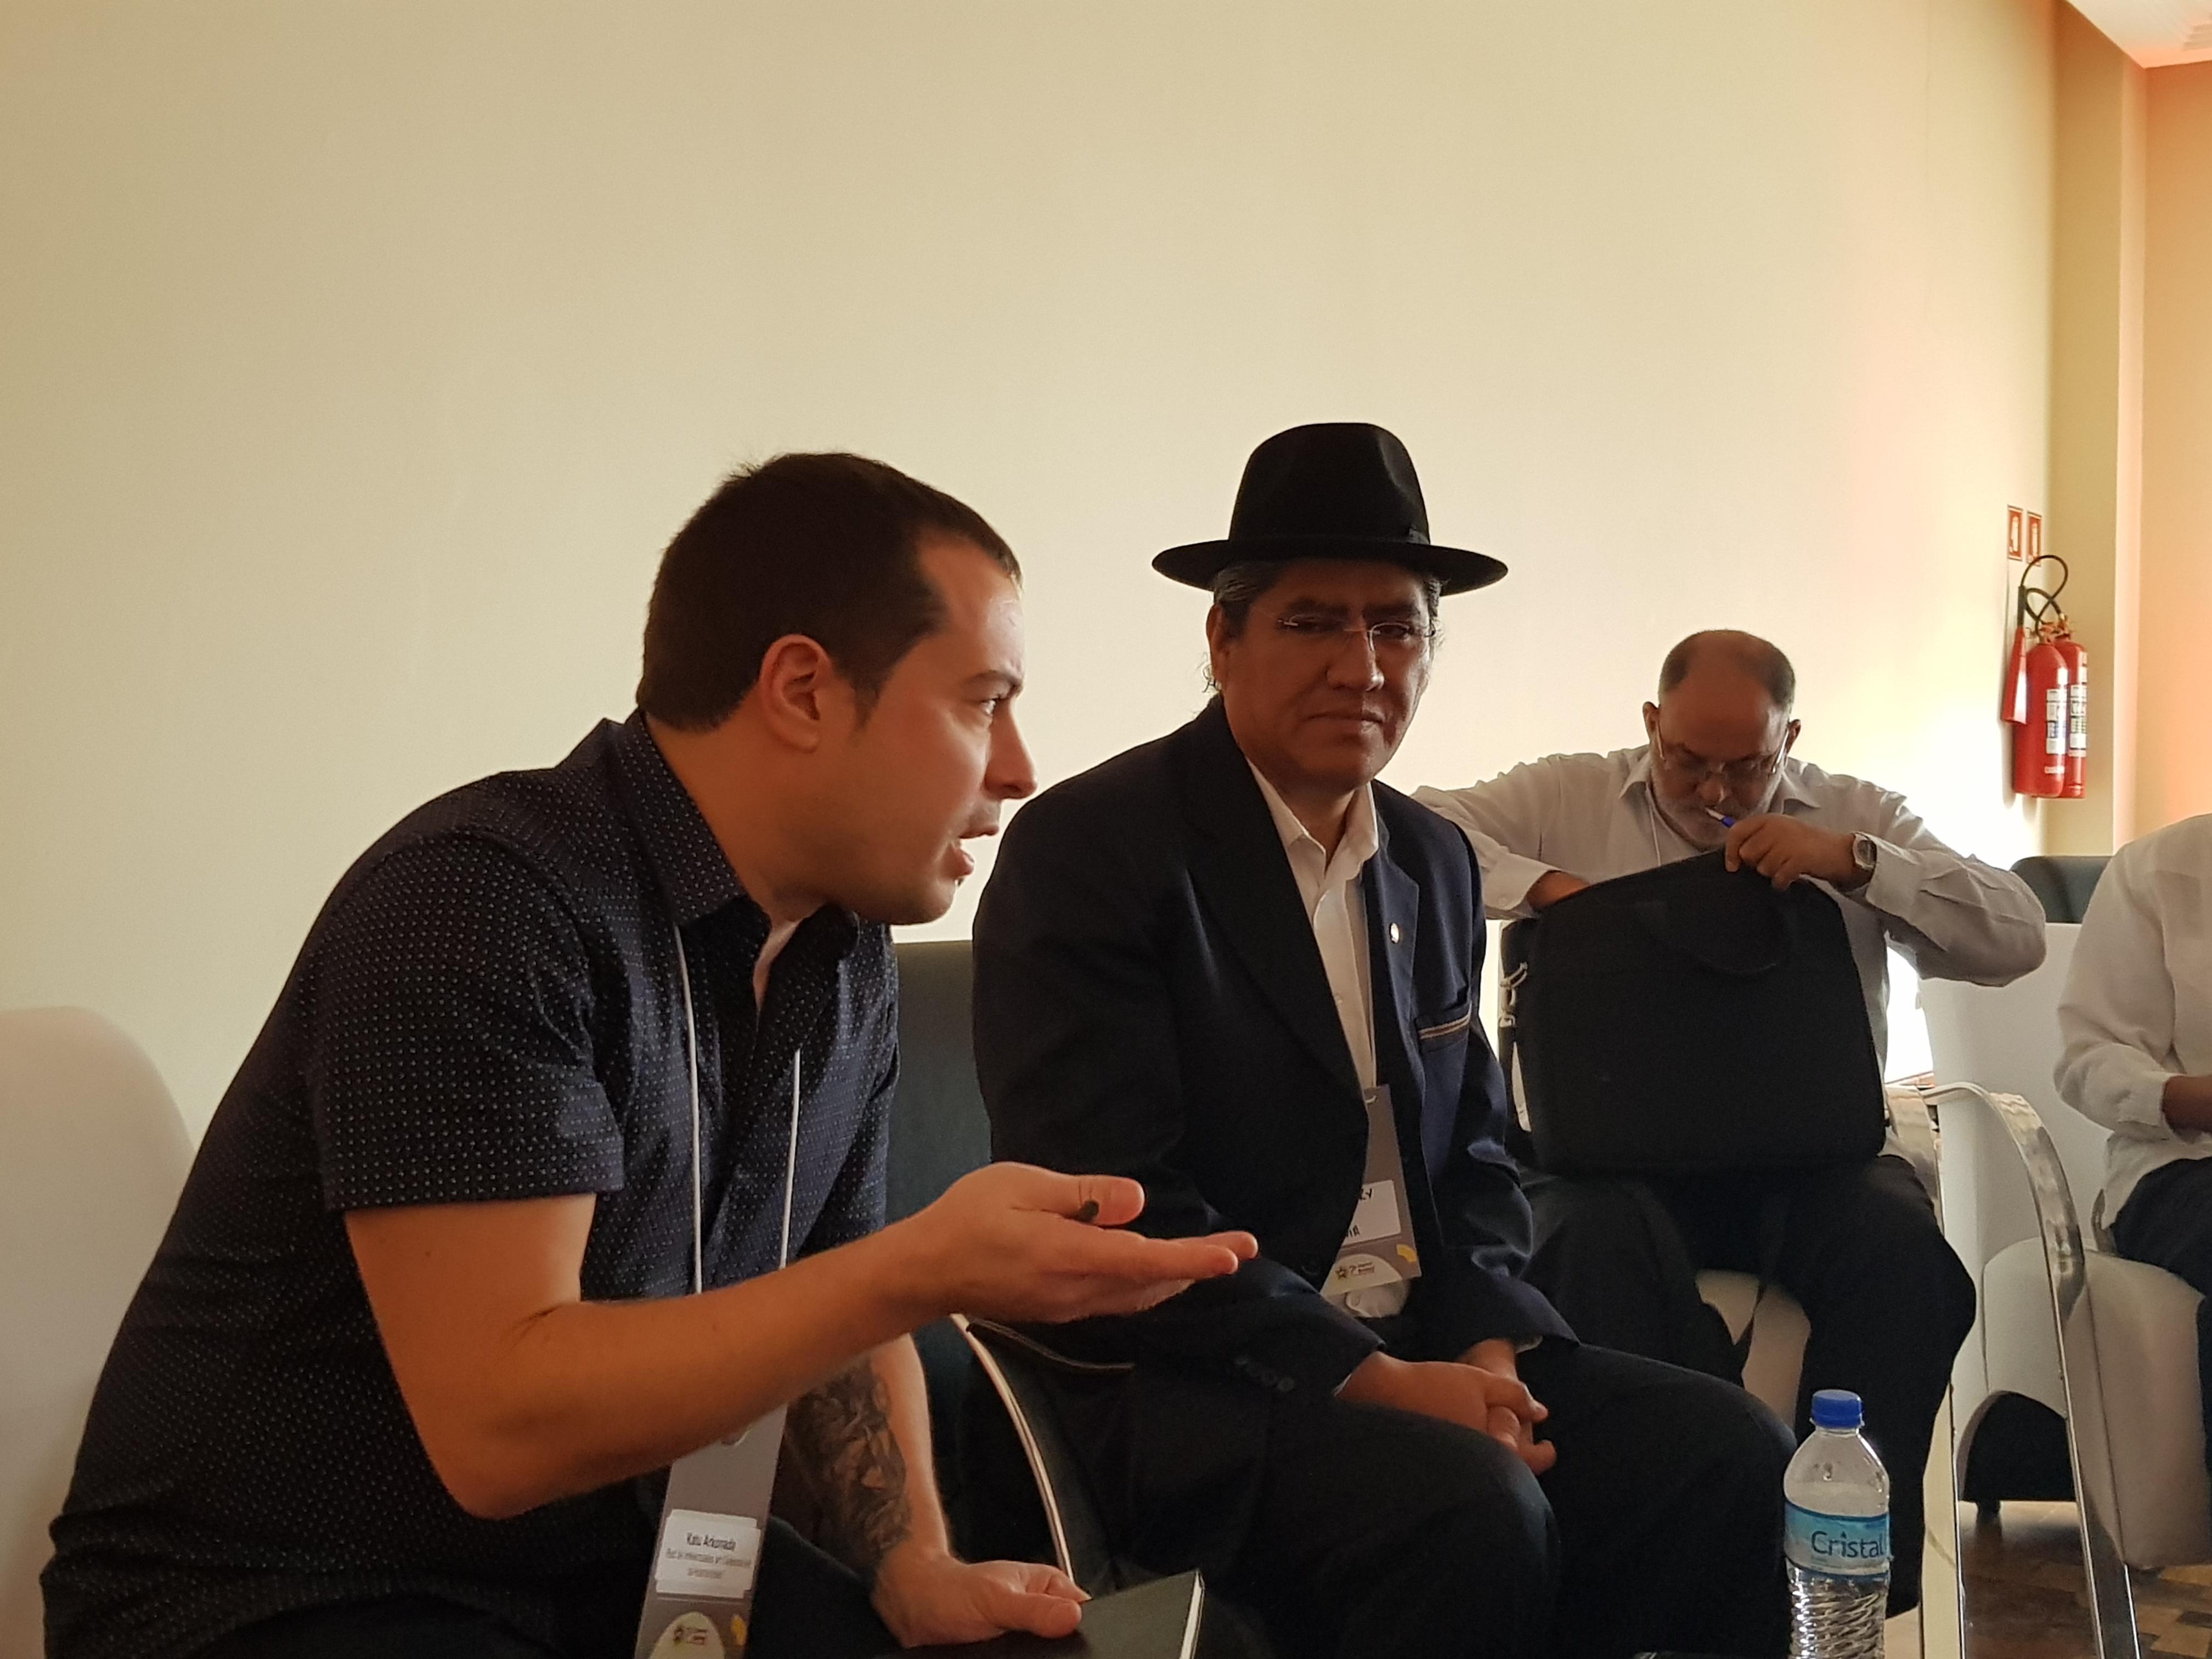 nov 2019 - rencontre  avec Luis Arce à Sao Paulo (Brésil)